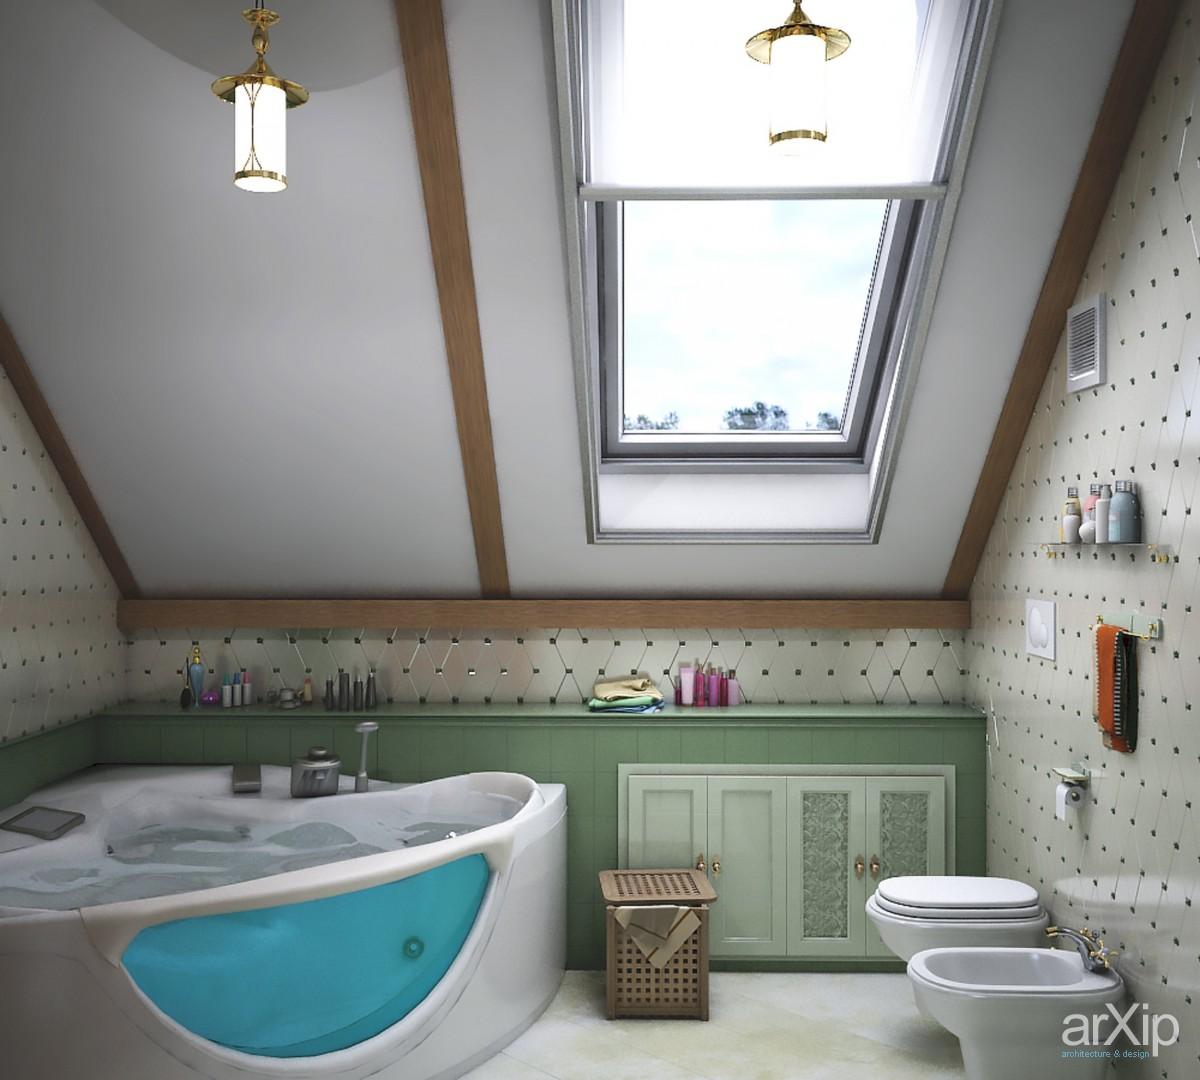 Ванная комната в частном доме - планировка, дизайн и отделка